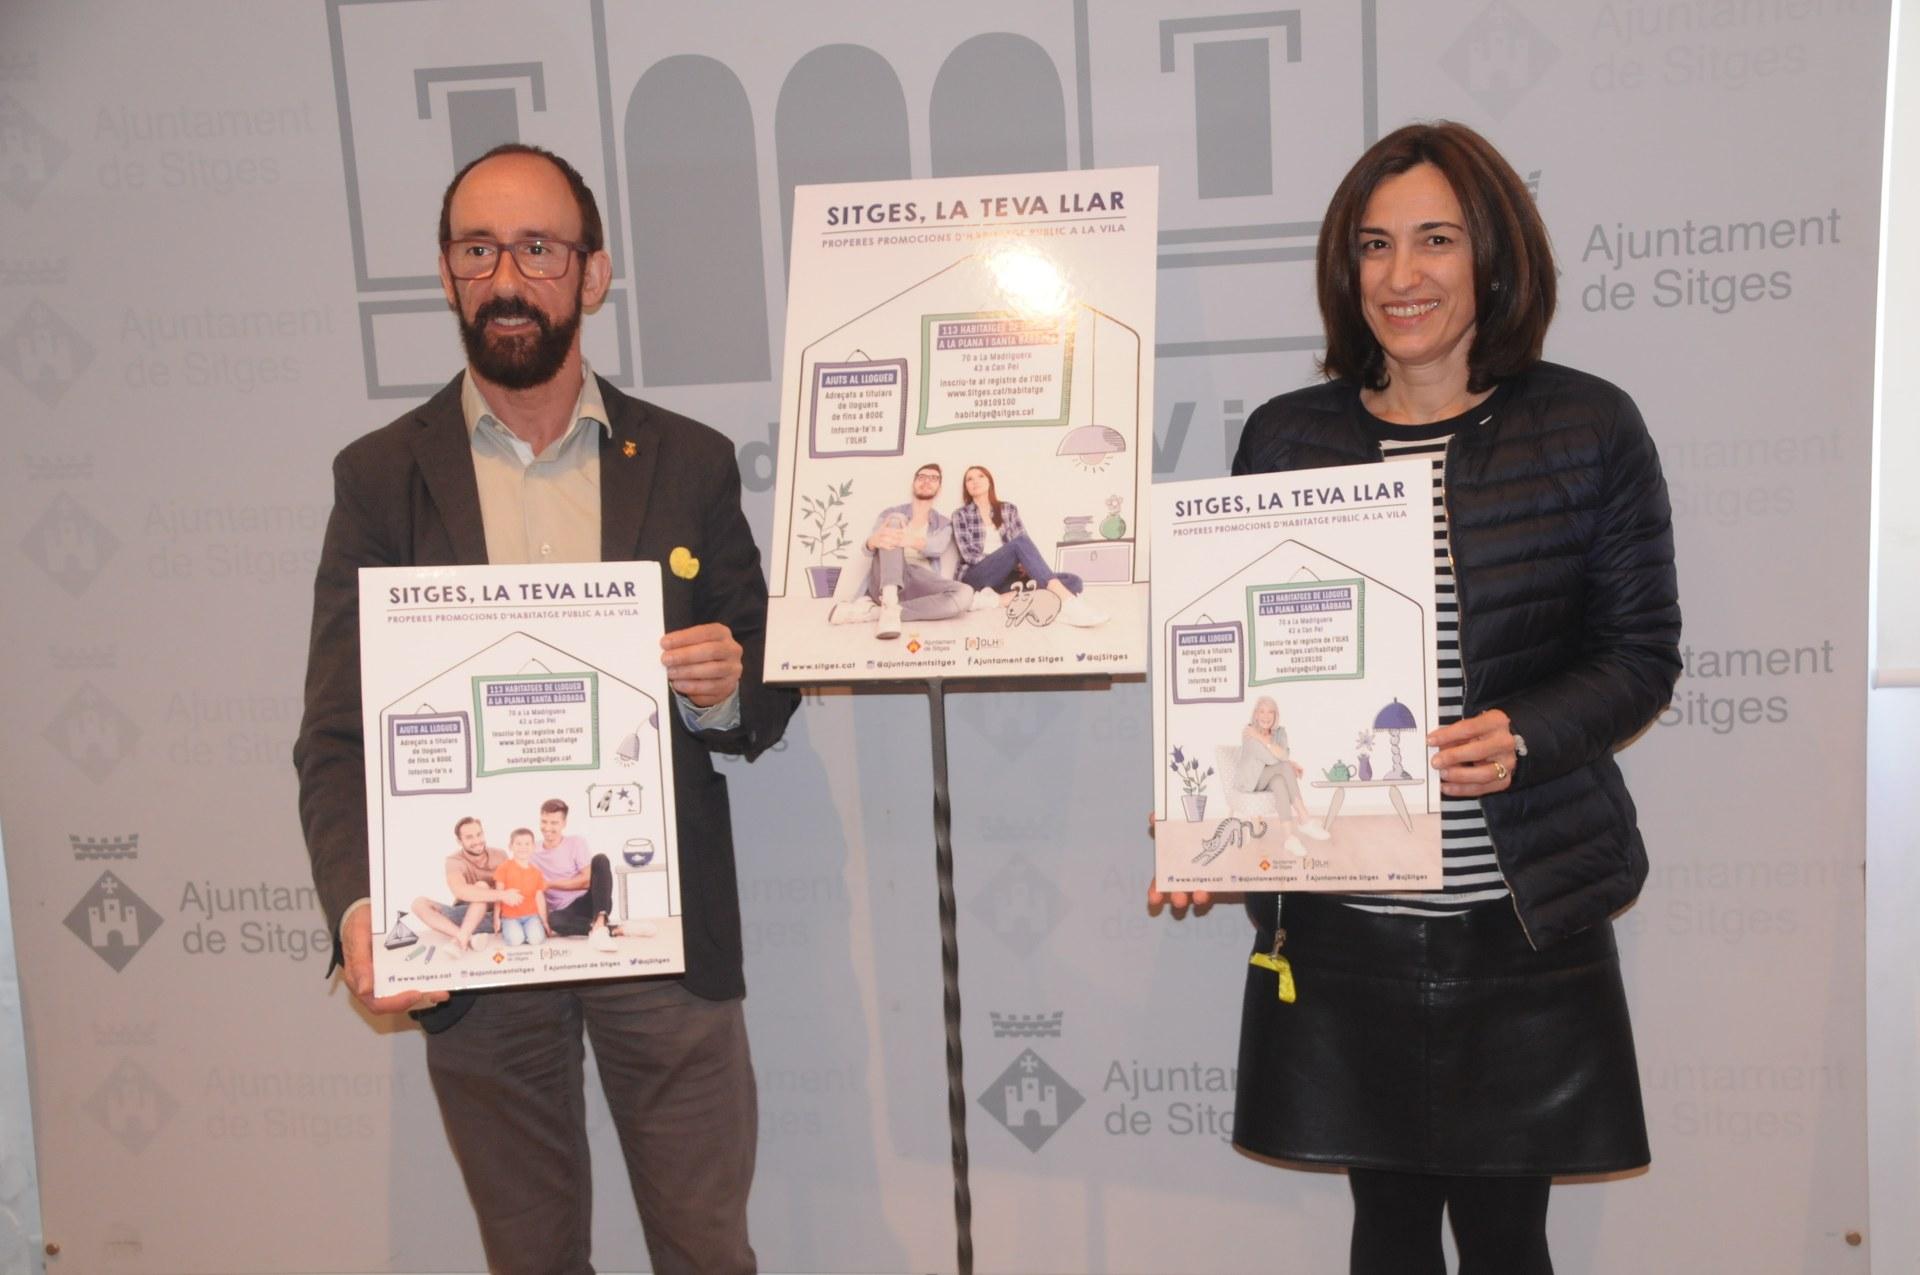 L'alcalde de Sitges, Miquel Forns, i la regidora d'Habitatge, Rosa Tubau, amb els cartells de la campanya 'Sitges, la teva llar'